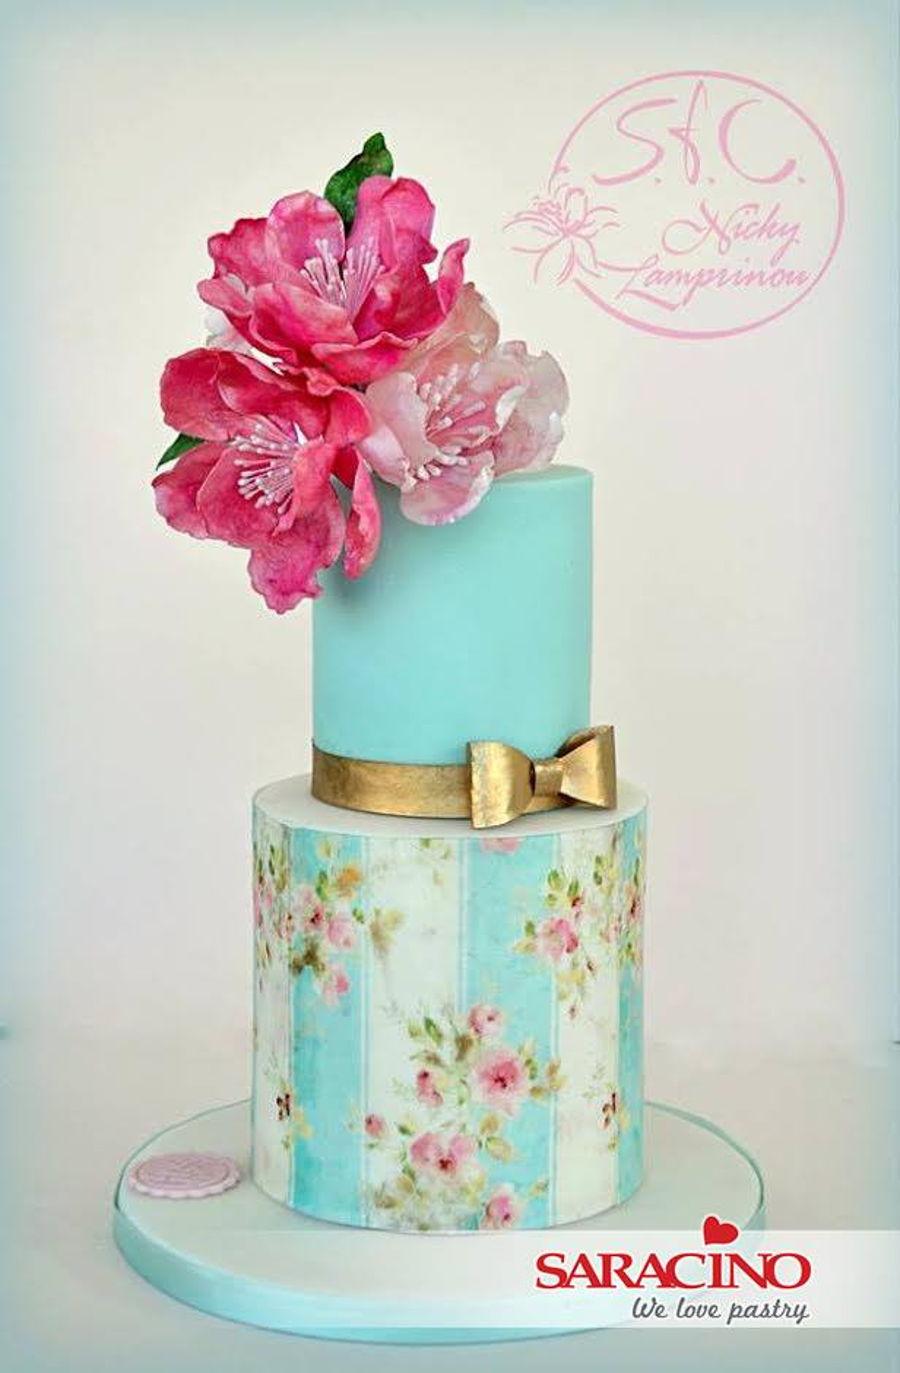 Wafer Paper Cake Cakecentral Com